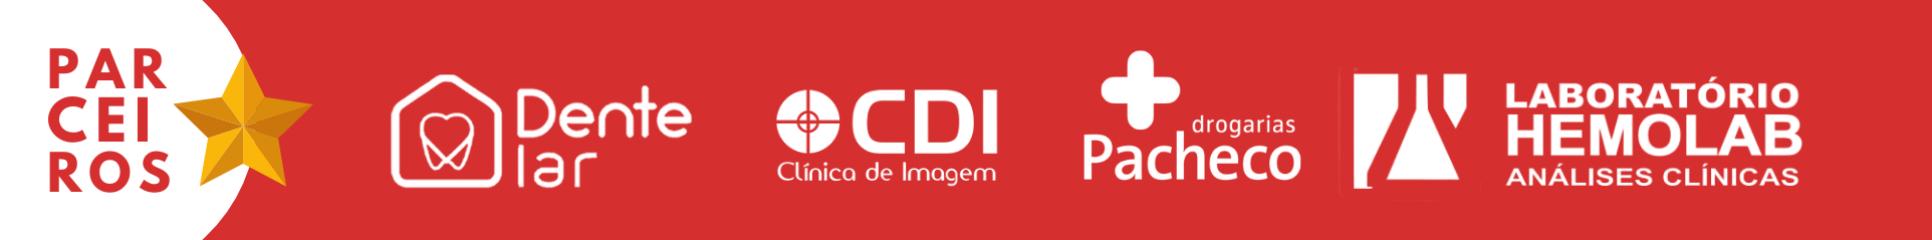 Banner Parceiros - Rede de Descontos